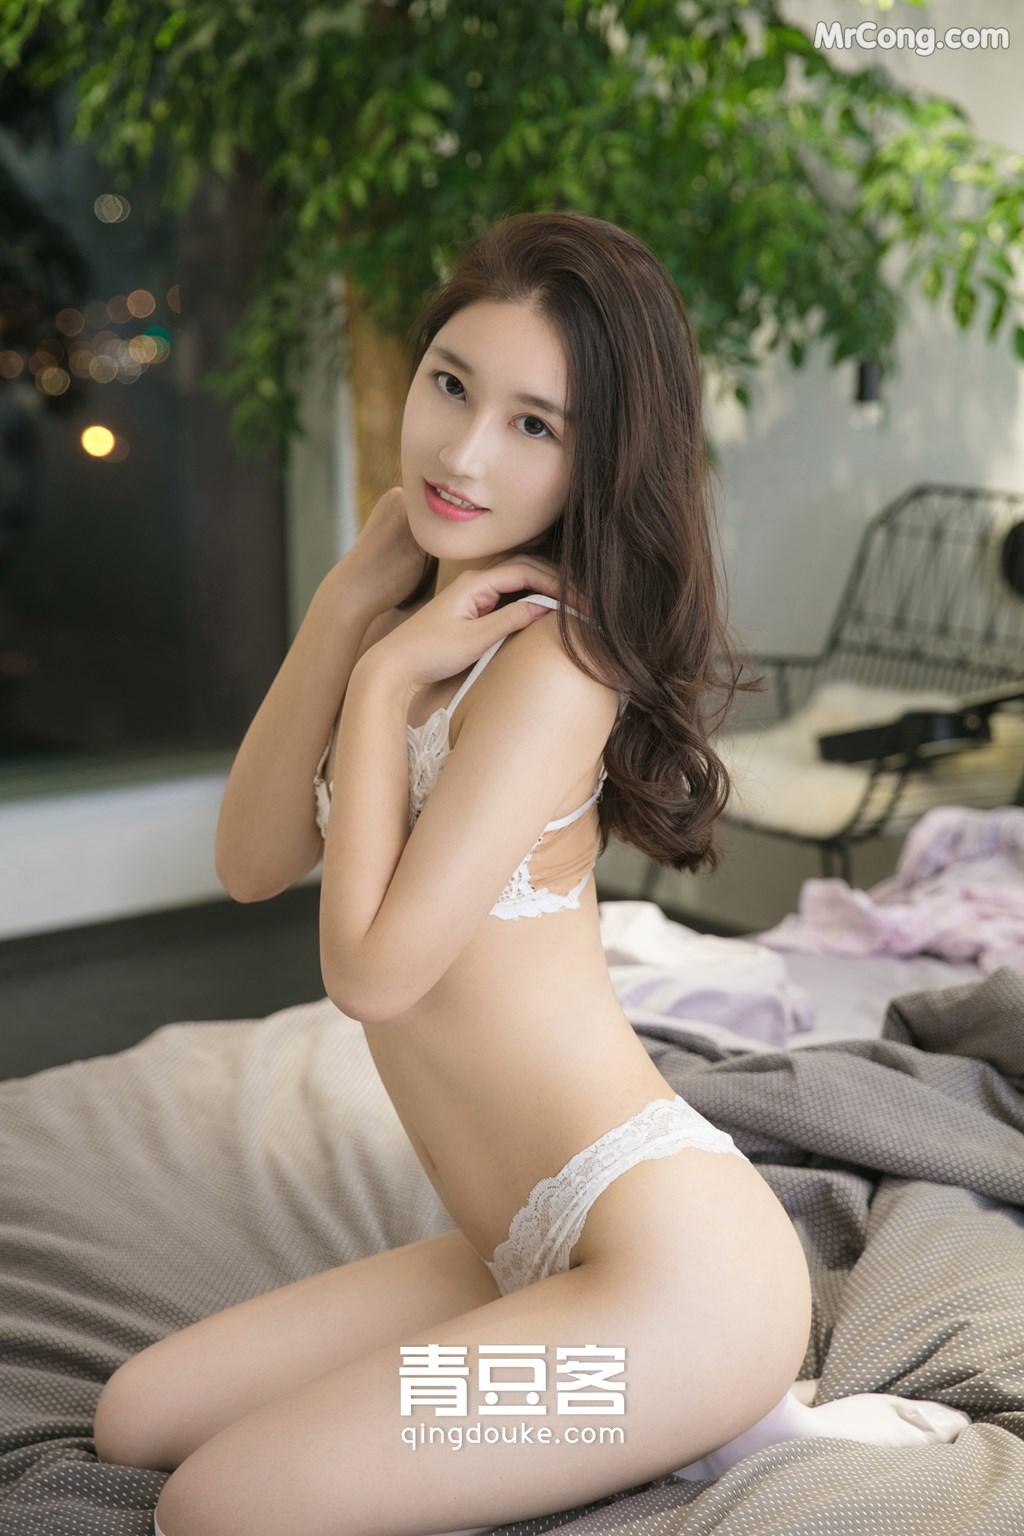 Image QingDouKe-2017-11-26-Wei-Niu-Niu-MrCong.com-010 in post QingDouKe 2017-11-26: Người mẫu Wei Niu Niu (魏扭扭) (51 ảnh)